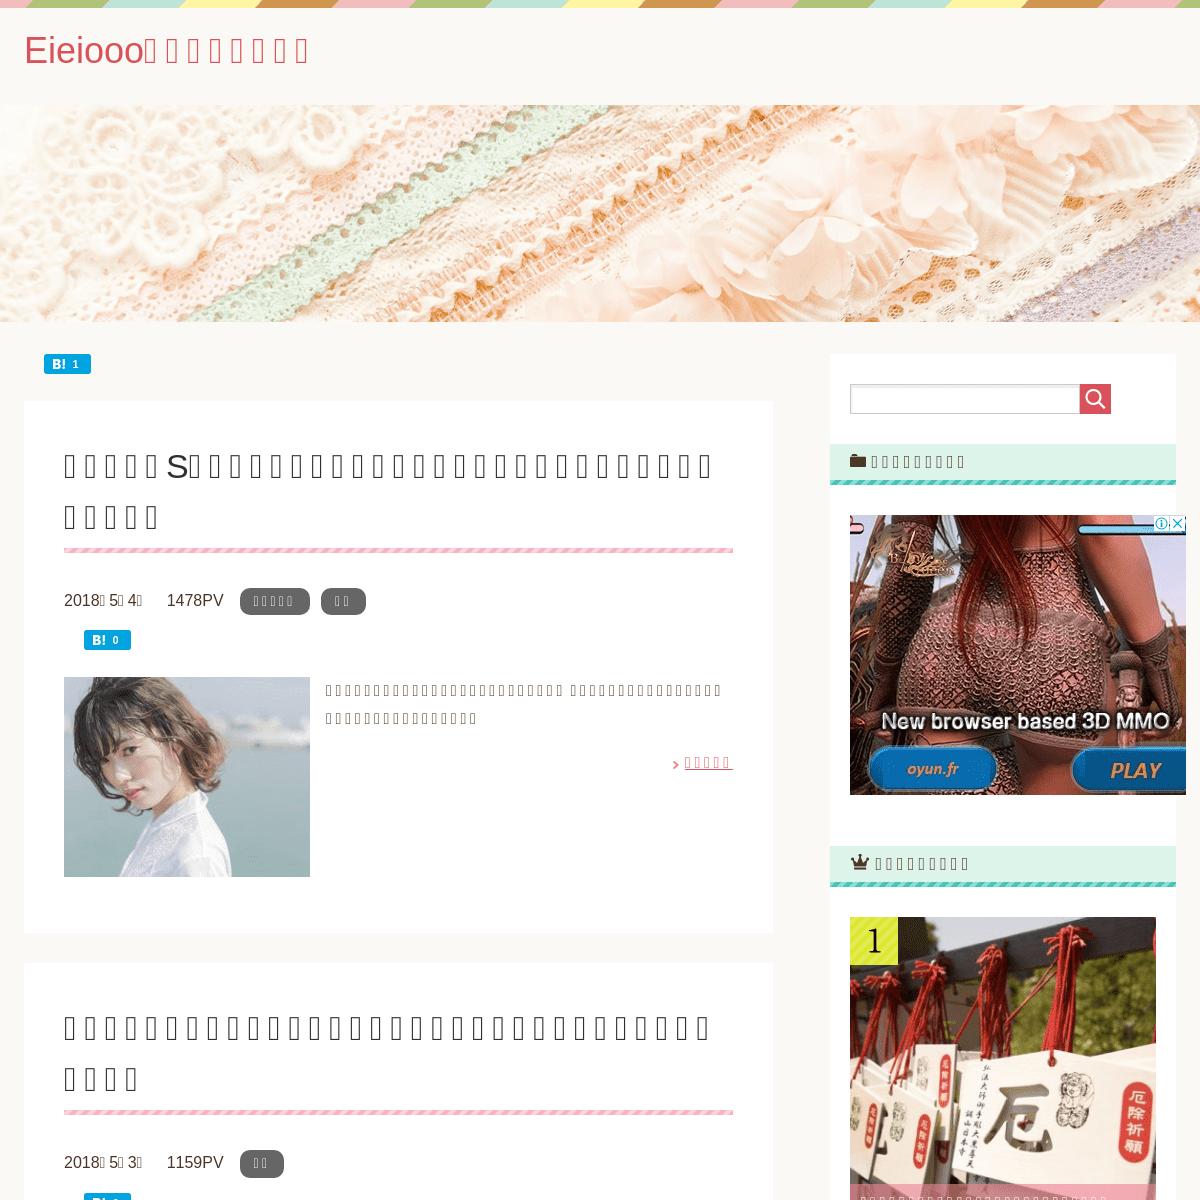 Eieiooo(エイエイオー)|元気と幸せを応援するメディア